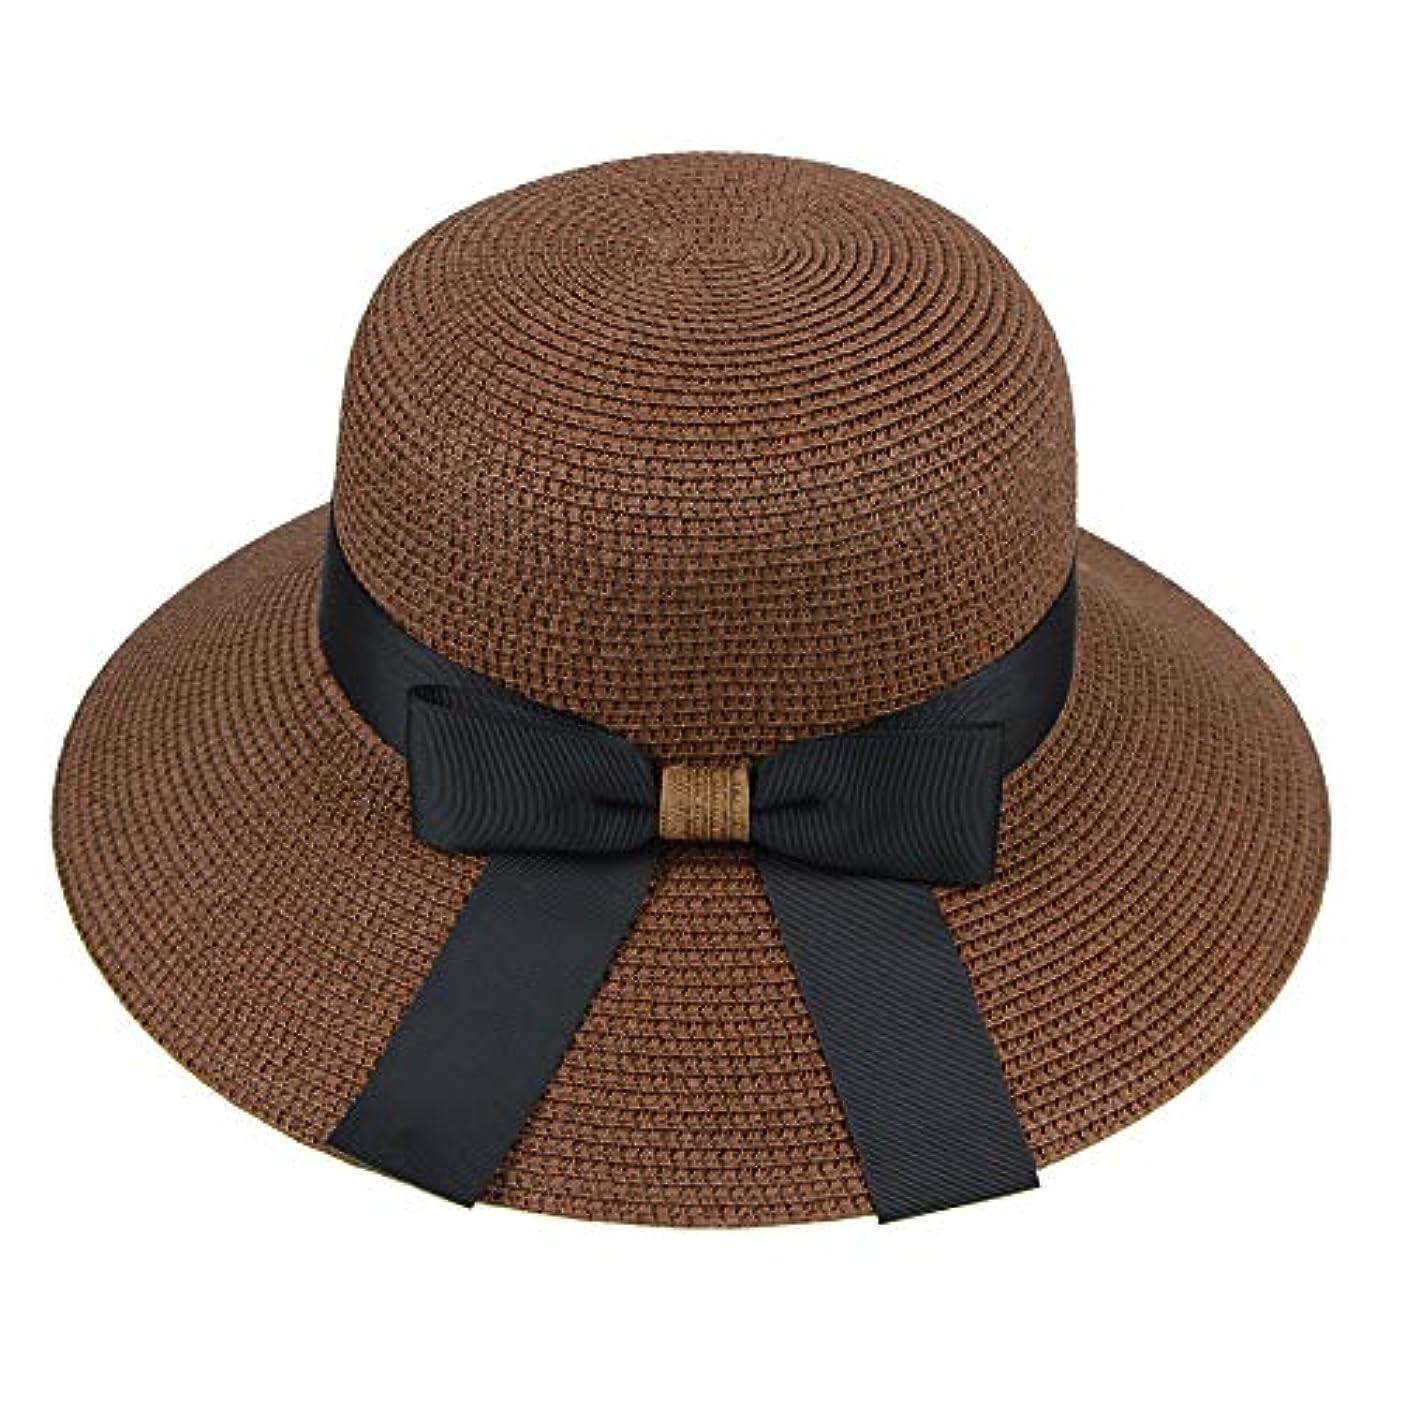 政権ディスカウント放散する漁師帽 帽子 レディース UVカット 帽子 夏季 海 旅行 UV帽子 日焼け防止 つば広 取り外すあご紐 おしゃれ 可愛い ワイルド カジュアル スタイル ファッション シンプル 夏 ビーチ 必須 小顔効果 ROSE ROMAN